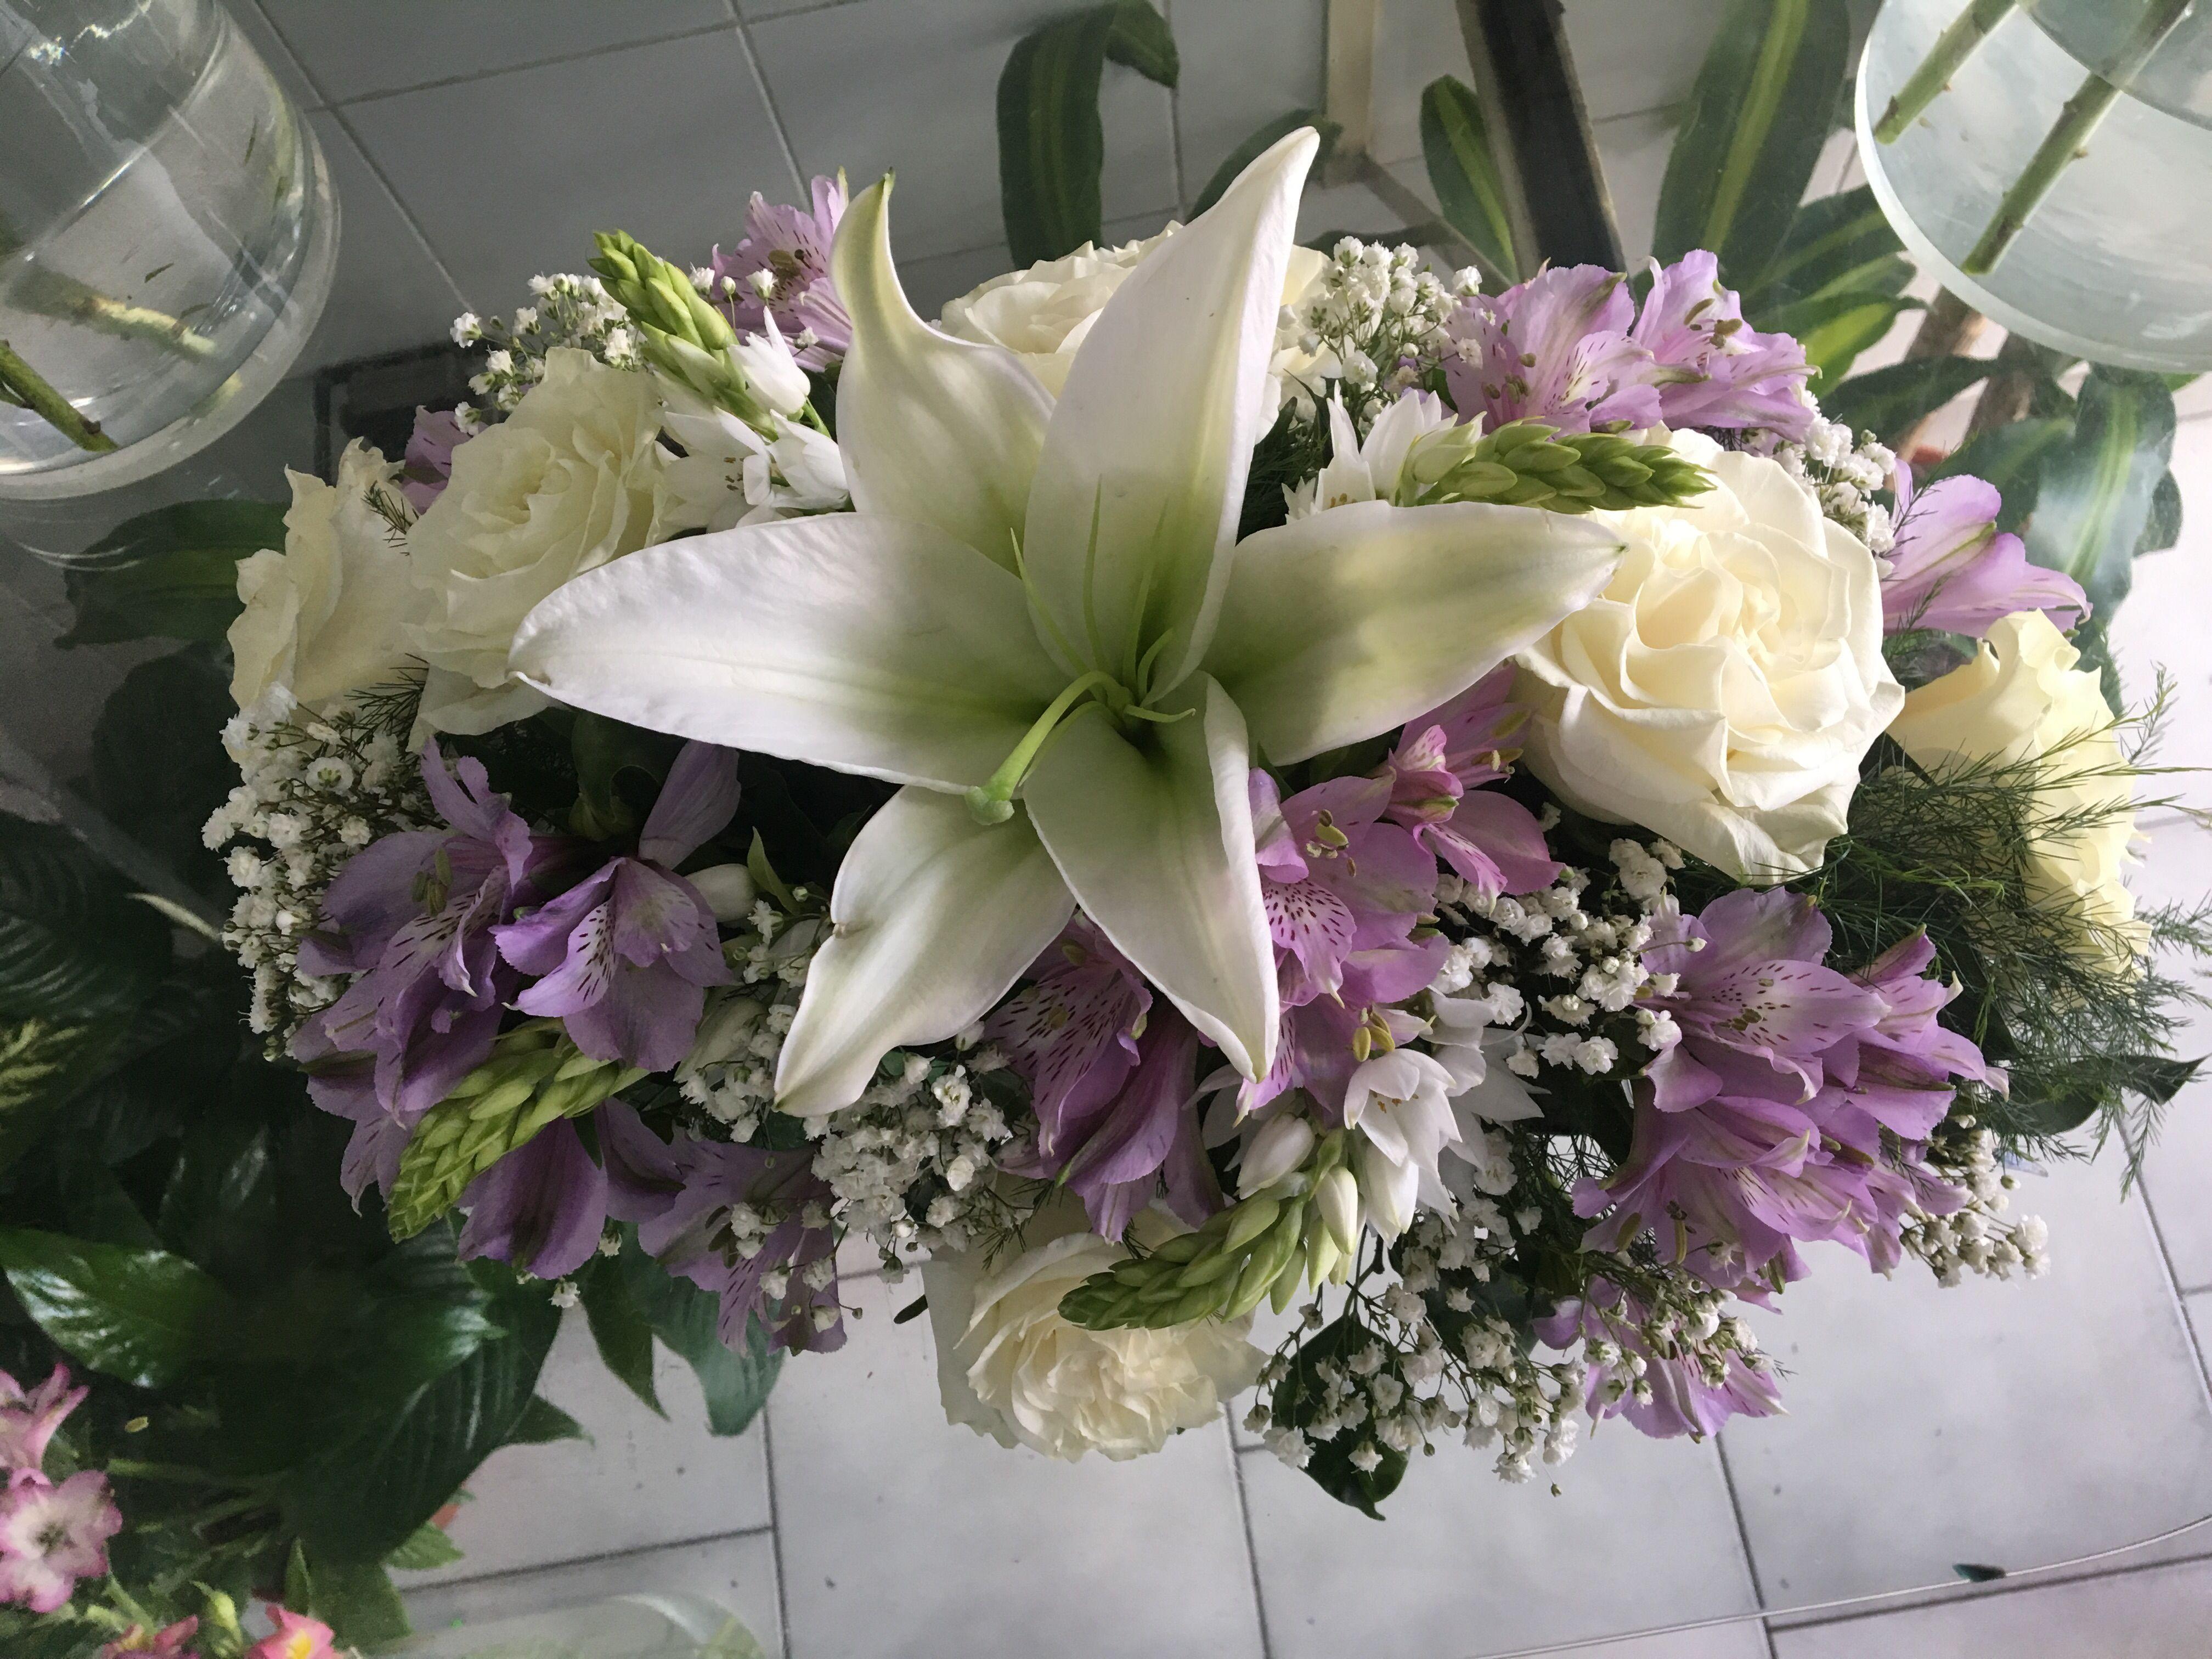 Centro de mesa de liliums, alstroemerias , rosas y